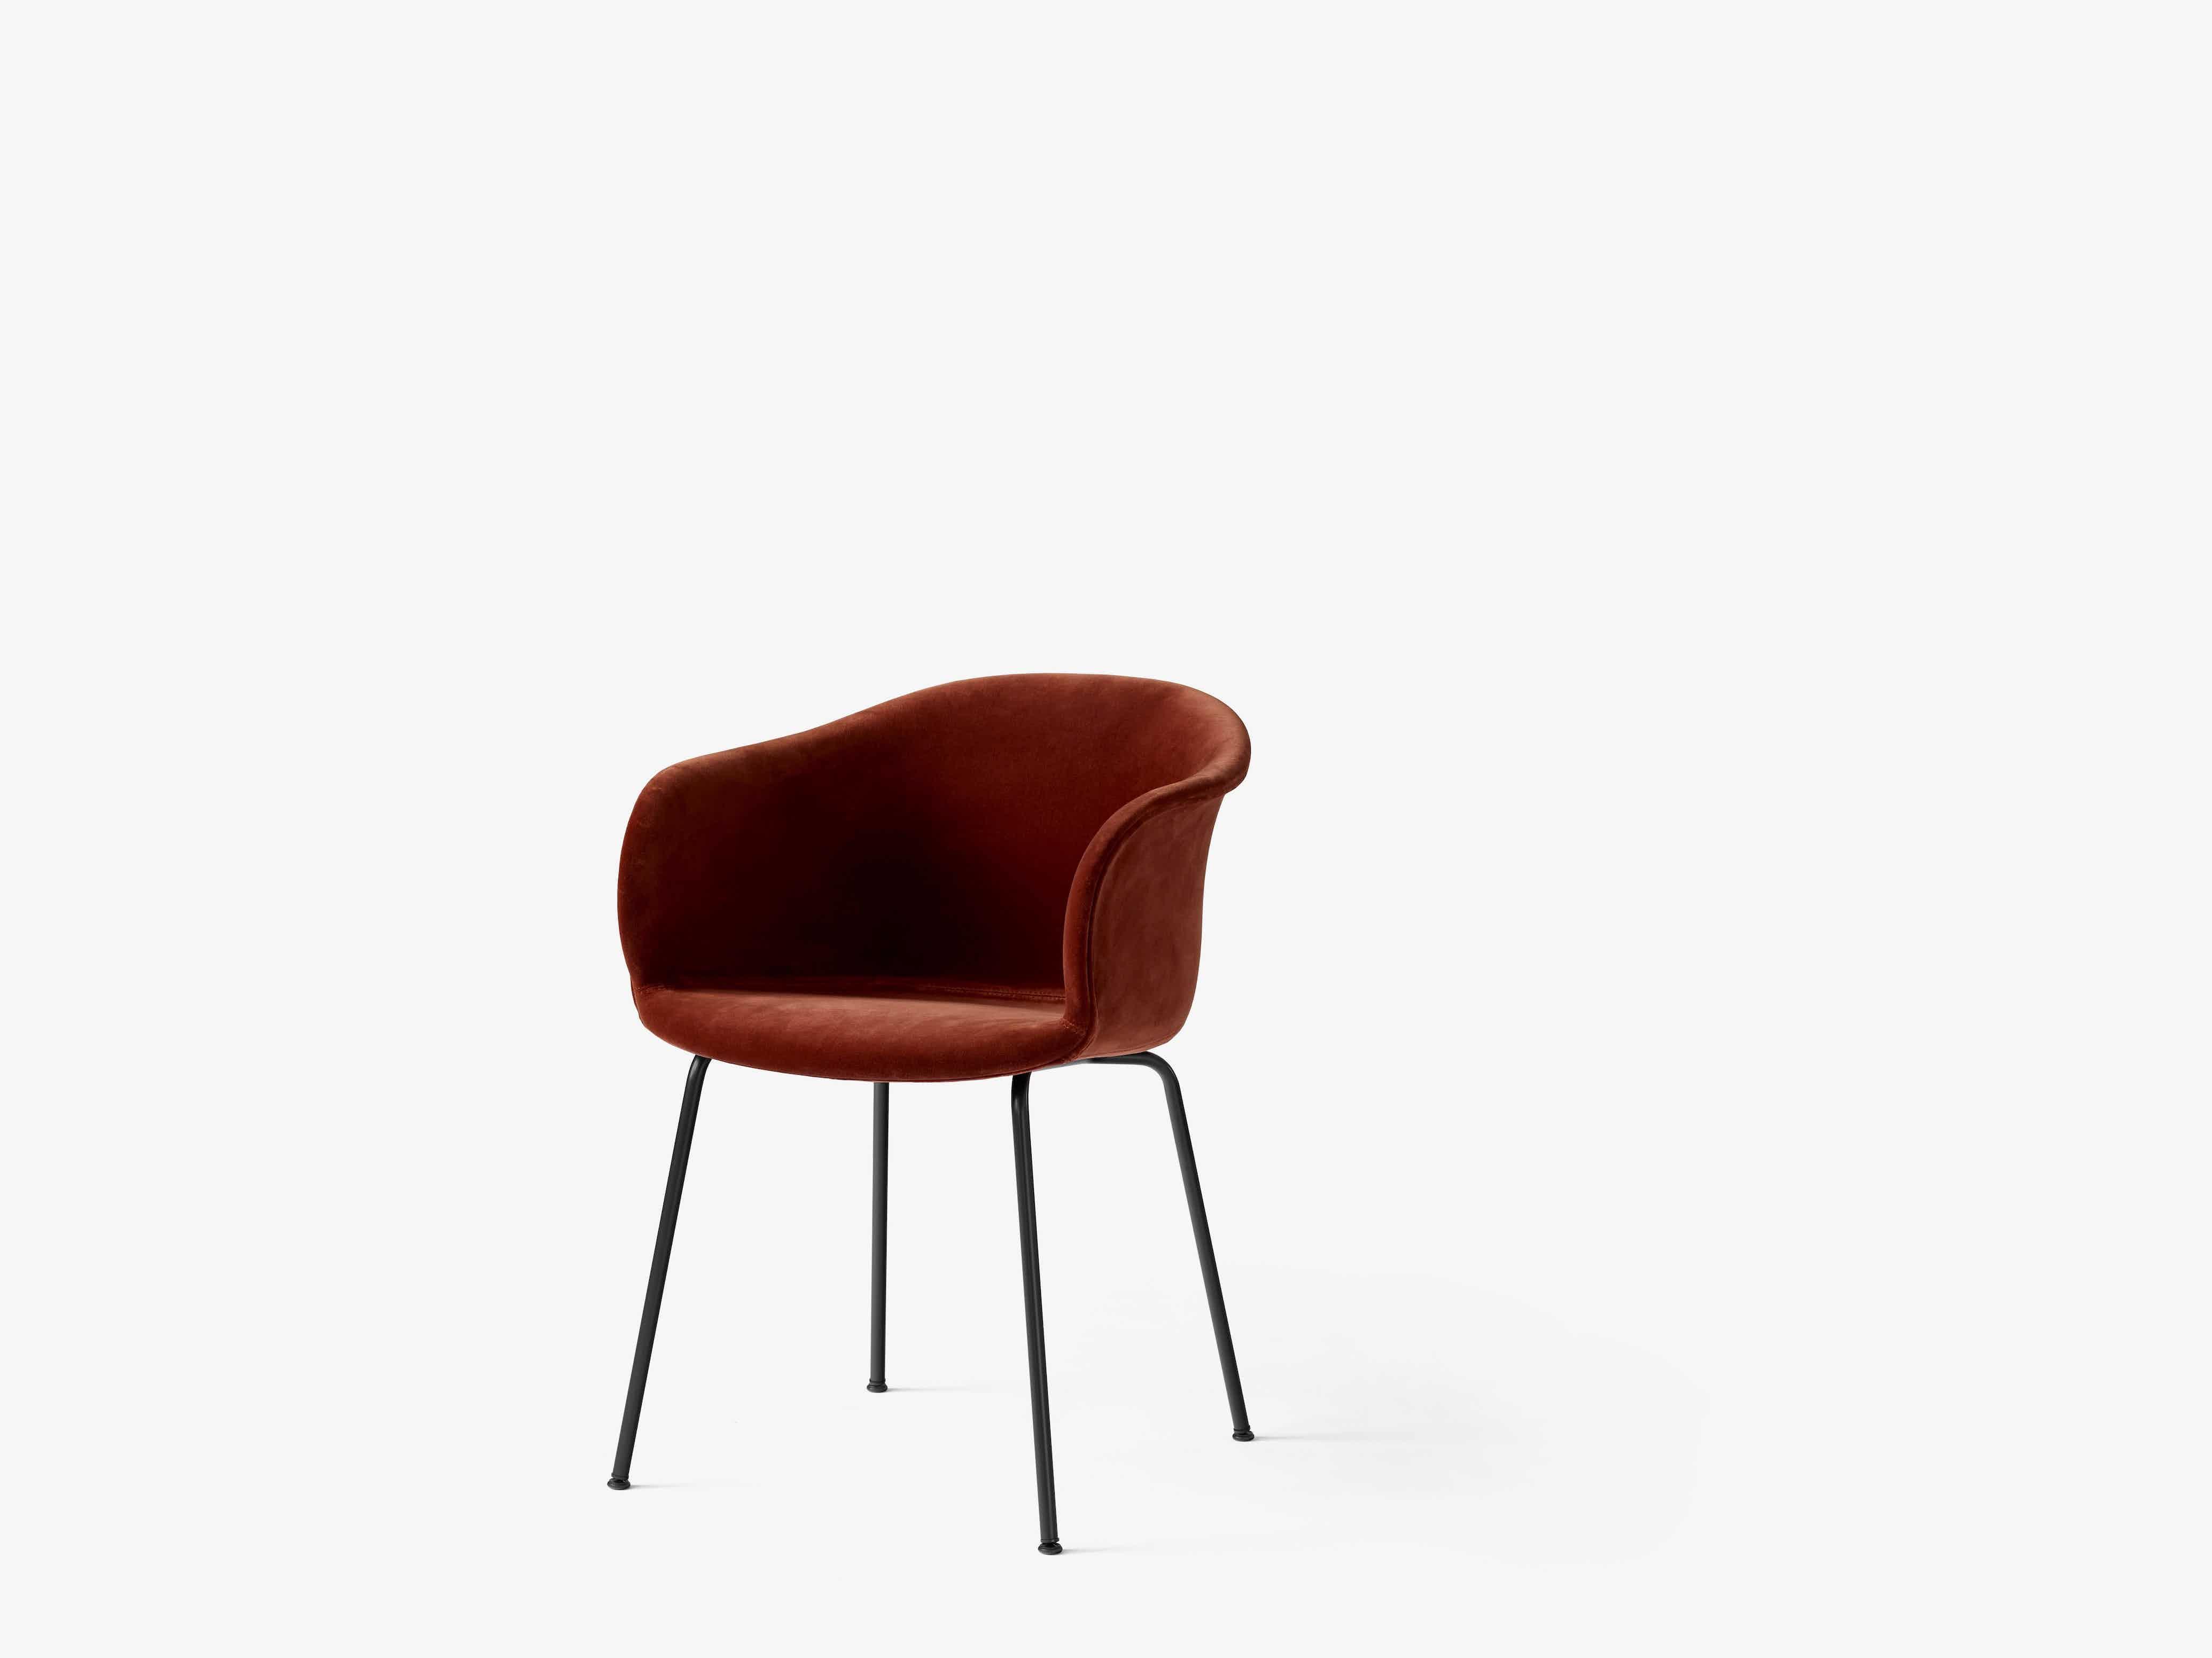 Andtradition-elefy-chair-velvet-black-metal-base-haute-living